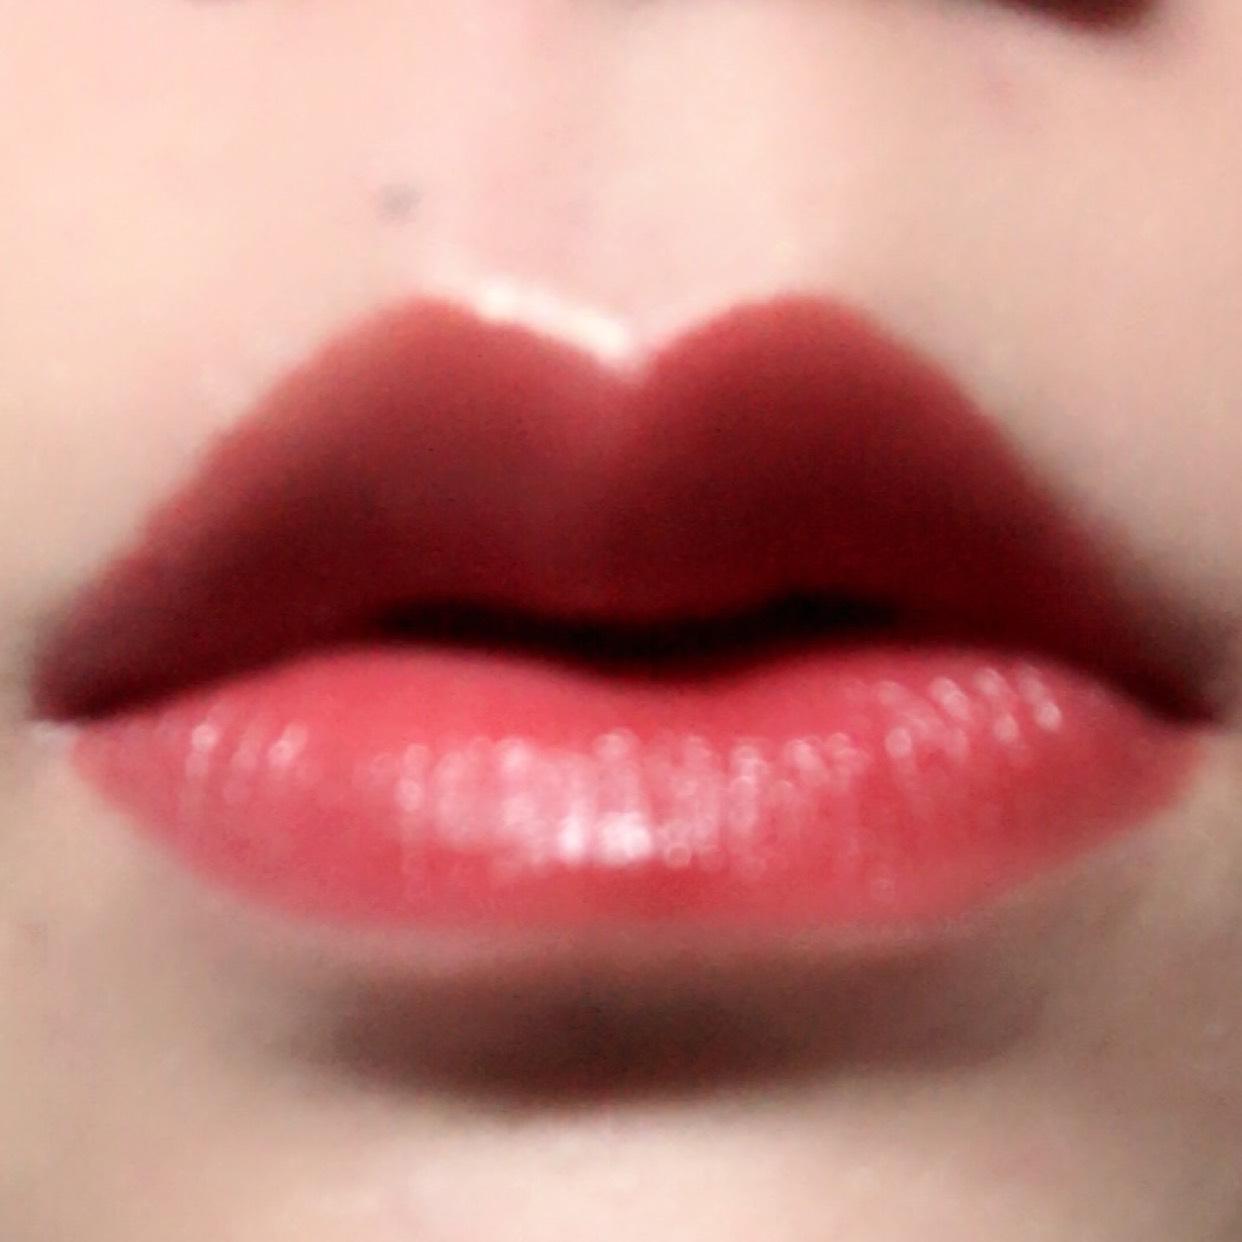 上唇の輪郭に沿ってハイライトペンシルでラインを引いて馴染ませ、リップライナーで唇の輪郭を取ってから赤リップを塗ります。